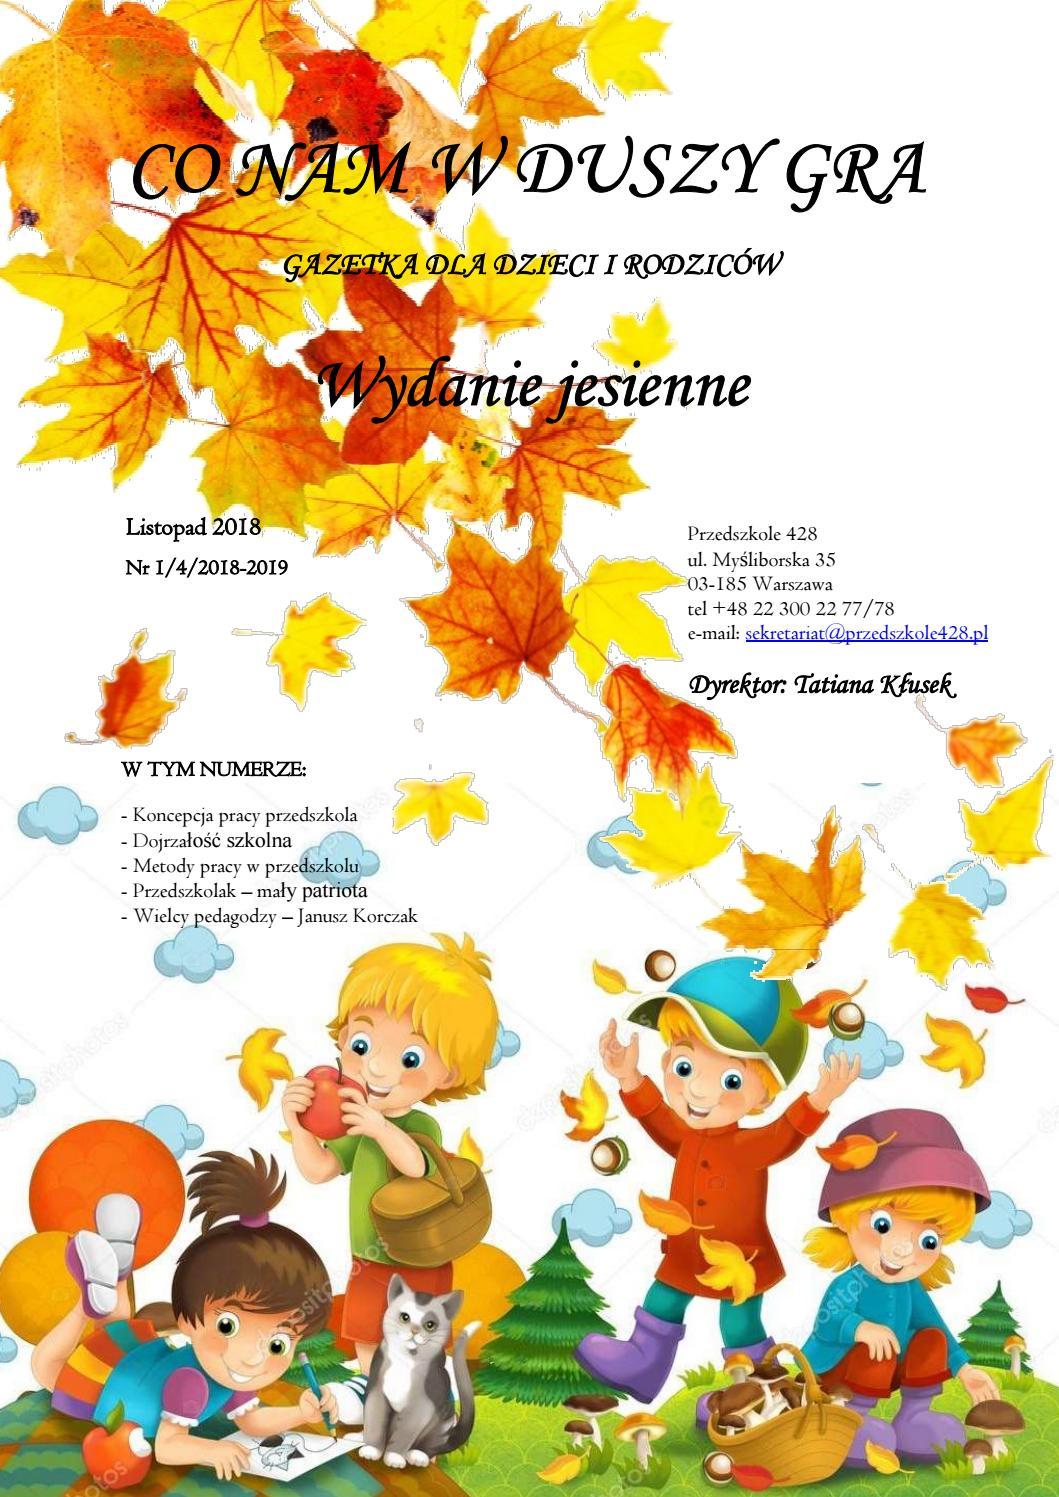 Gazetka Jesienna By Up Link Issuu